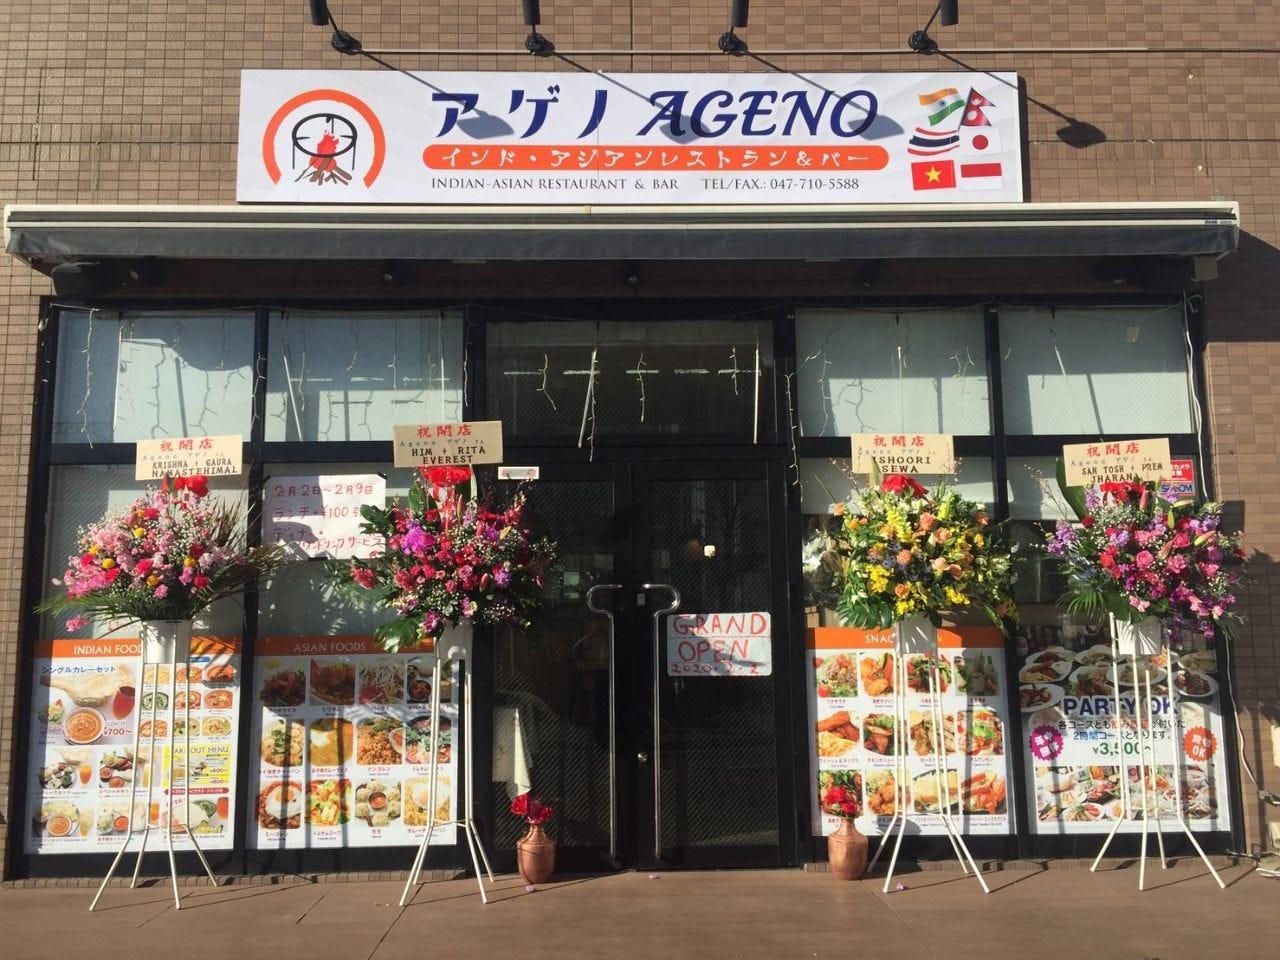 アゲノ インドアジアンレストラン&バー -AGENO-